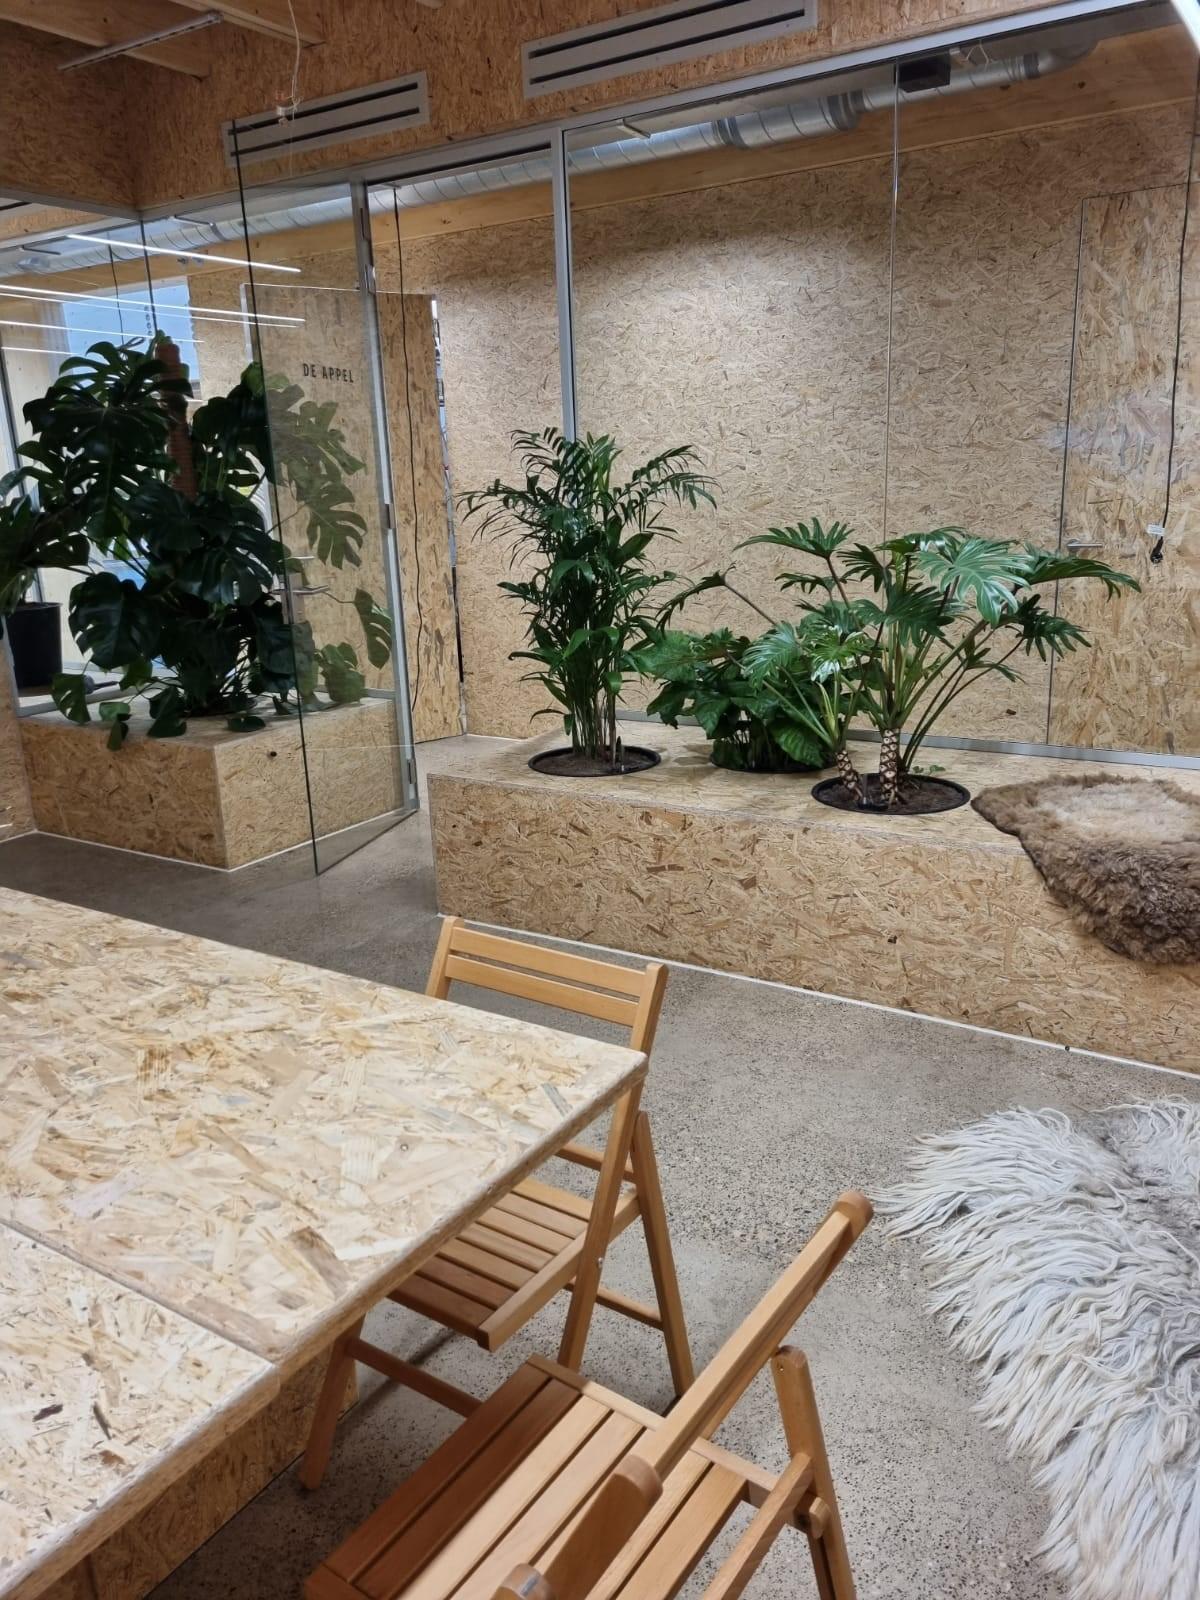 Zicht op planten in zaal De Appel - Food Forum